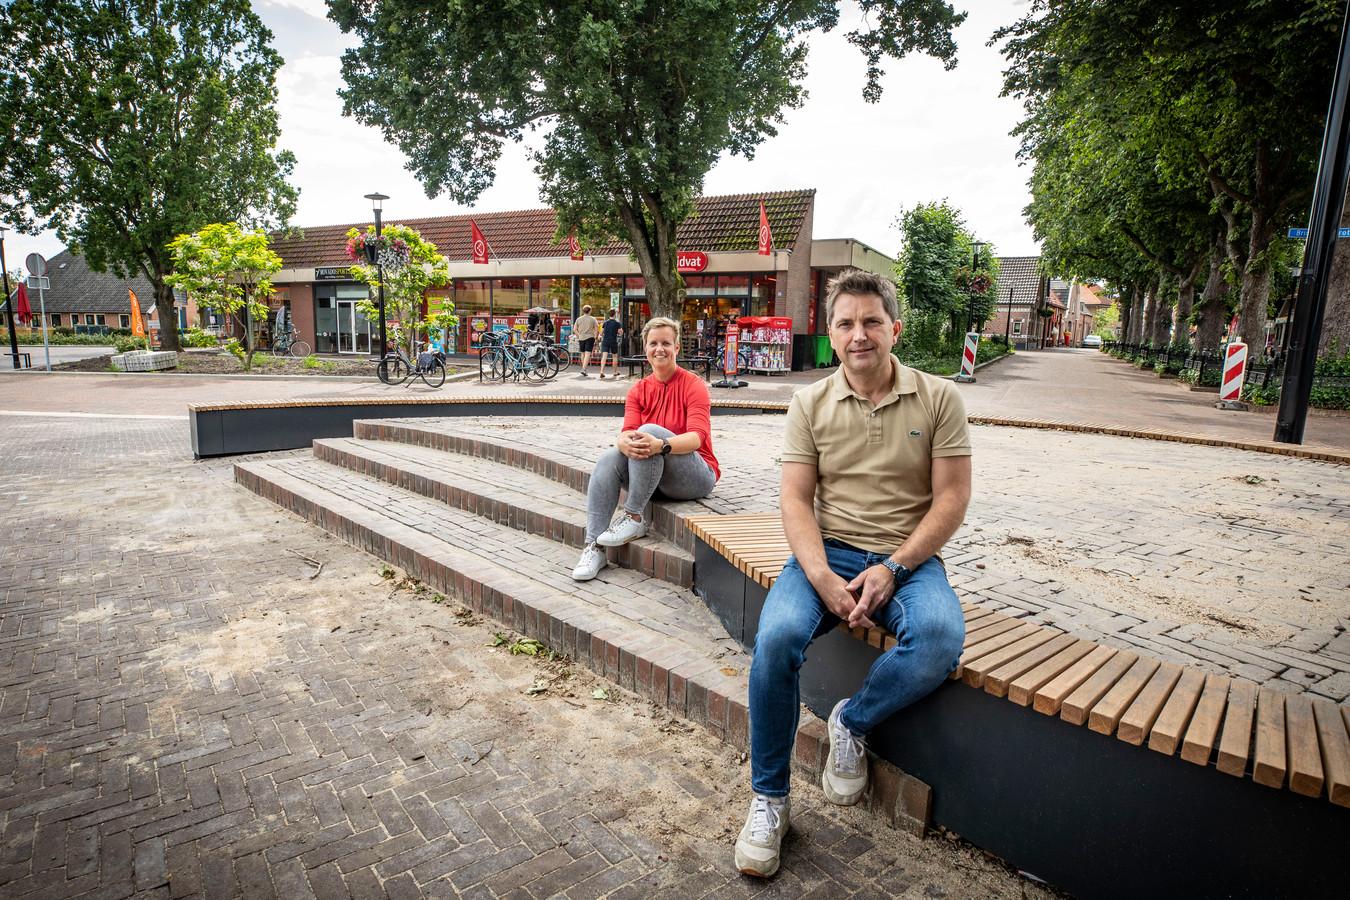 Patrick Ebbers en Marjon ten Brinke op het podium op De Brink in Eibergen, met op de achtergrond nieuwe plantenbakken en hanging baskets.